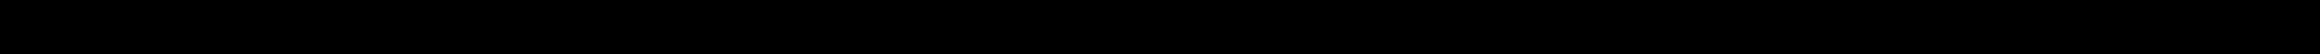 PHILIPS X825 283 480 000, 1-40-772-015, 001 488 00, 11335600, 11335601 Крушка с нагреваема жичка, фар за дълги светлини